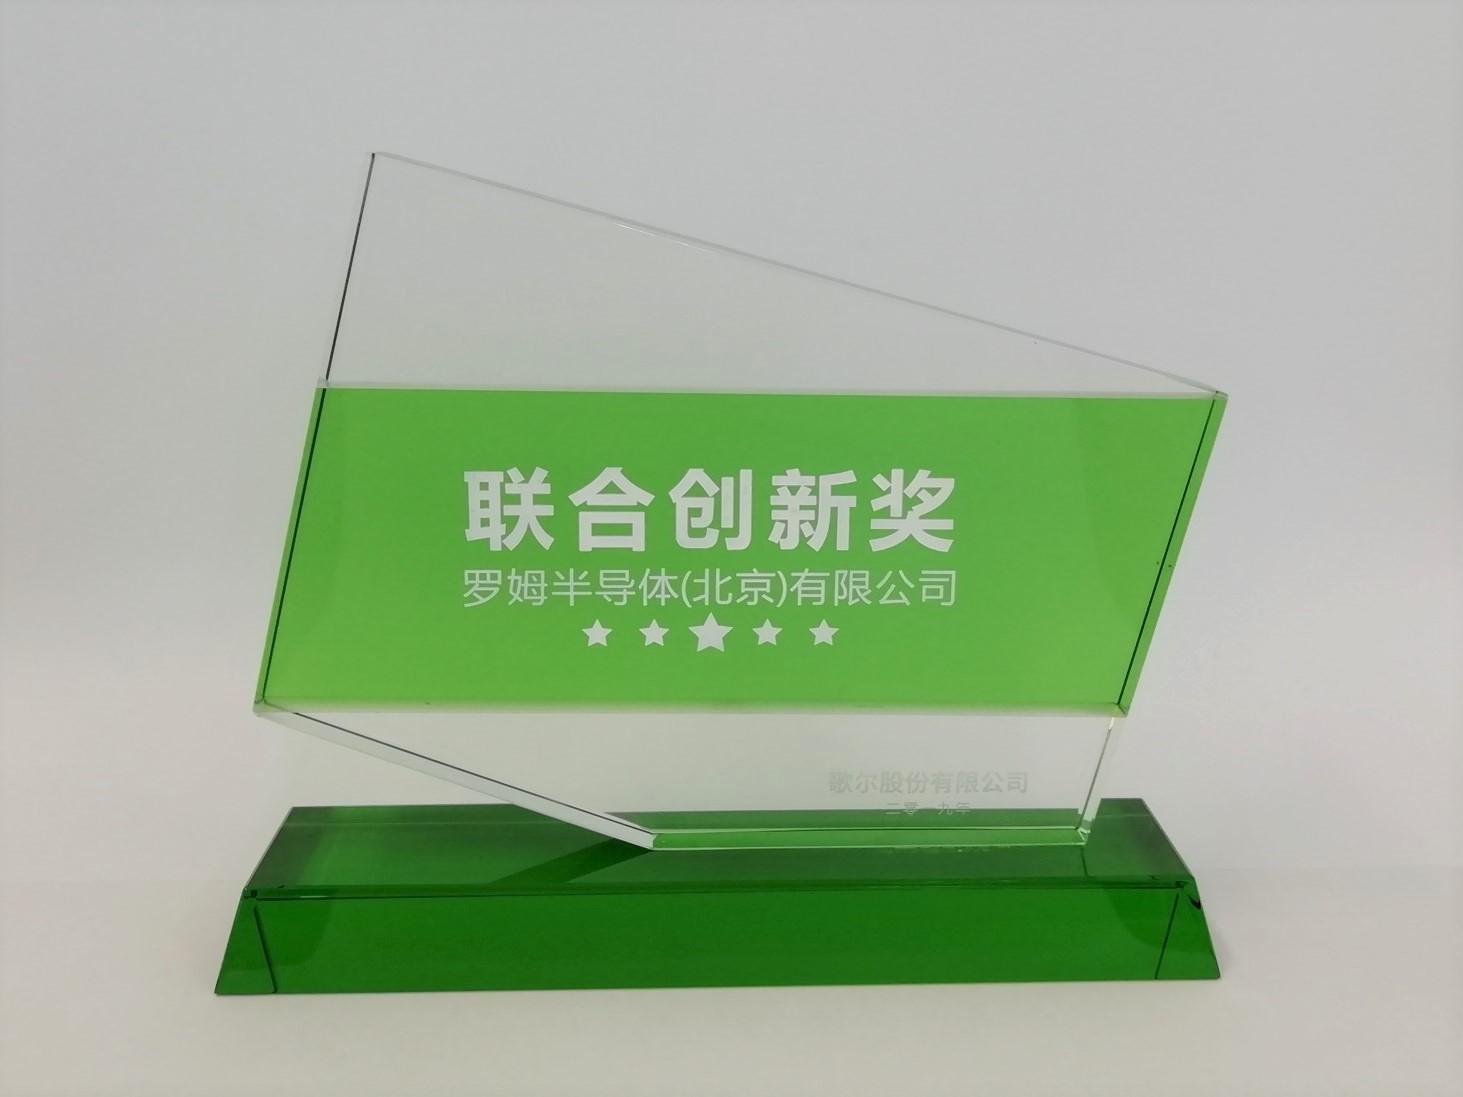 罗姆荣获歌尔颁发的联合创新奖